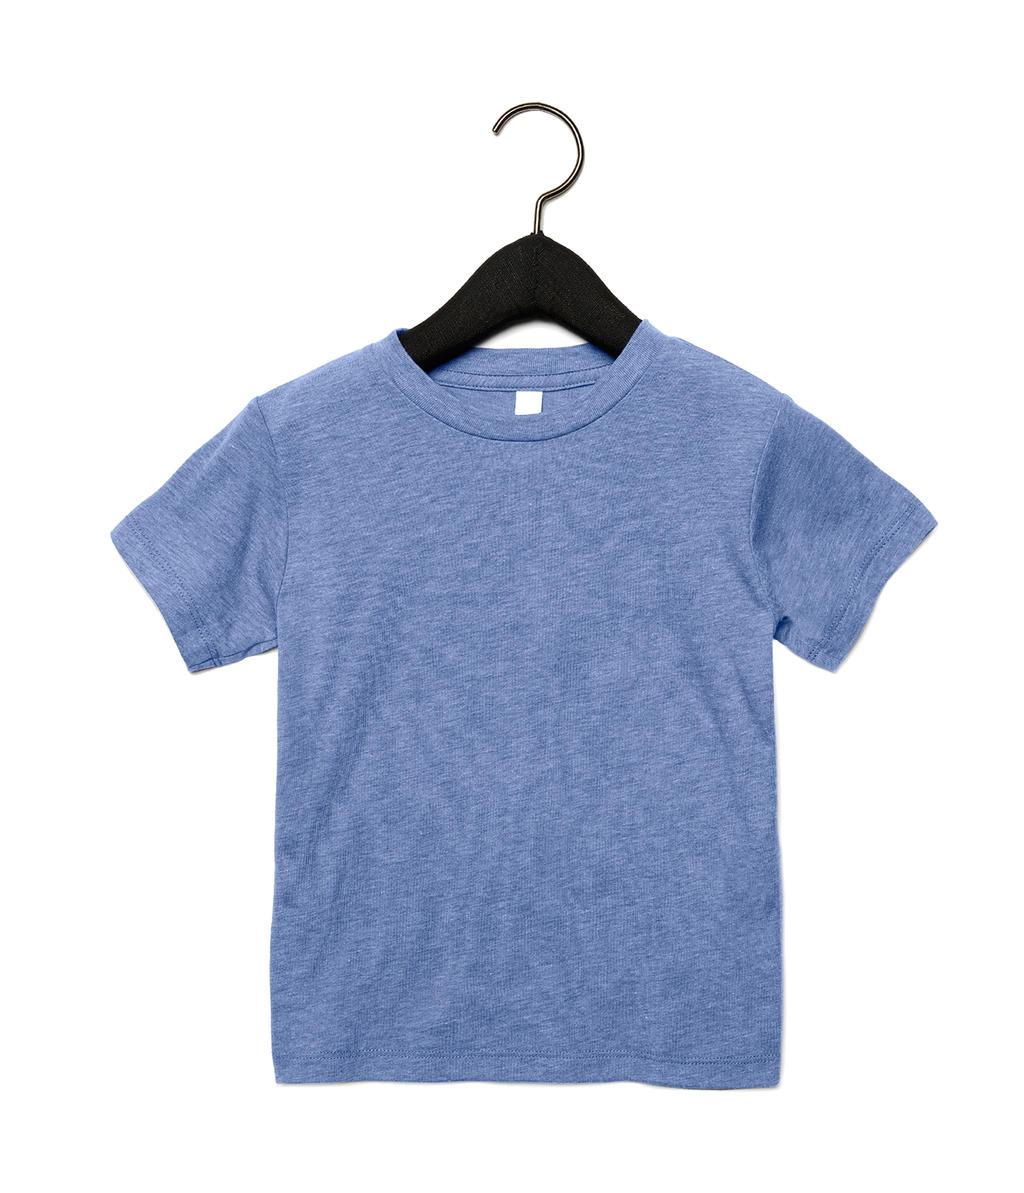 Toddler Triblend triko s krátkým rukávem - zvìtšit obrázek